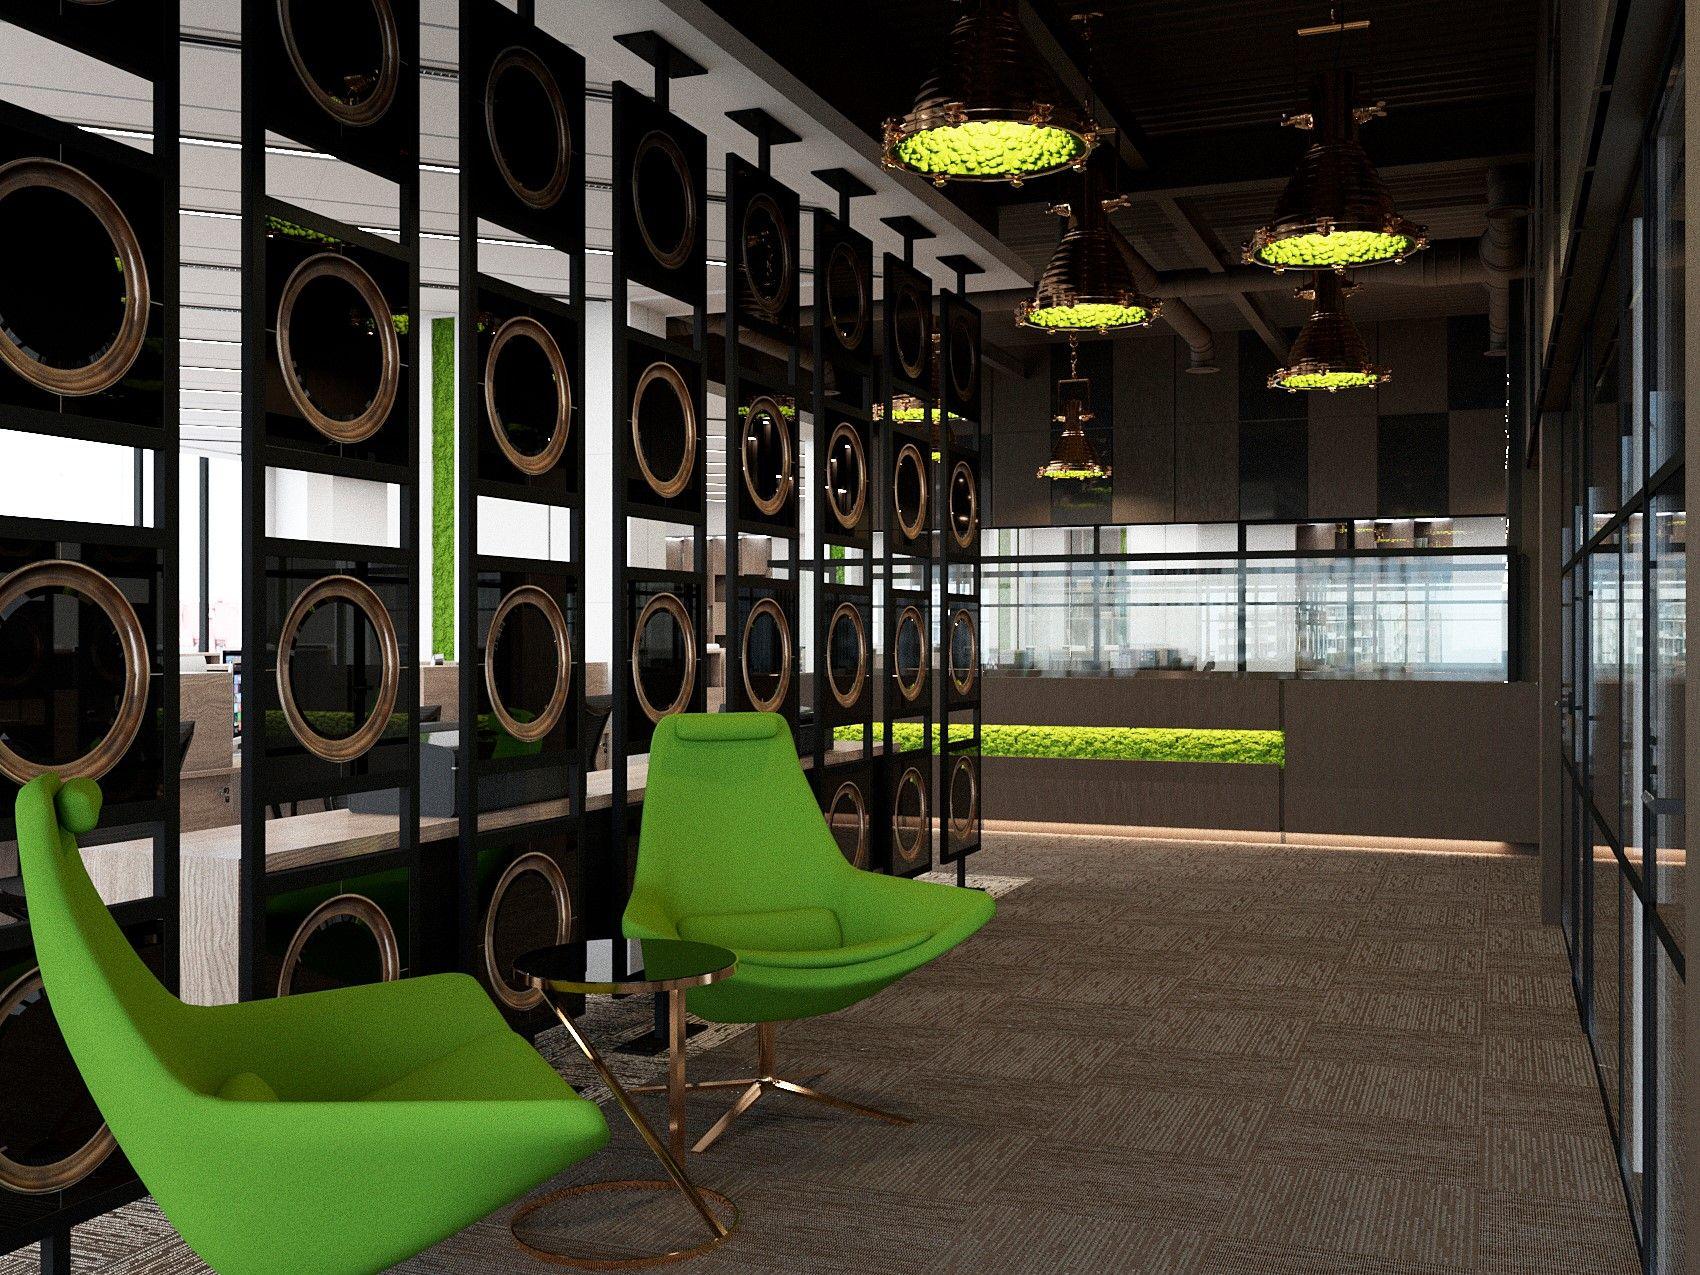 зеленый цвет в интерьере, дизайн интерьера, дизайн офиса ...